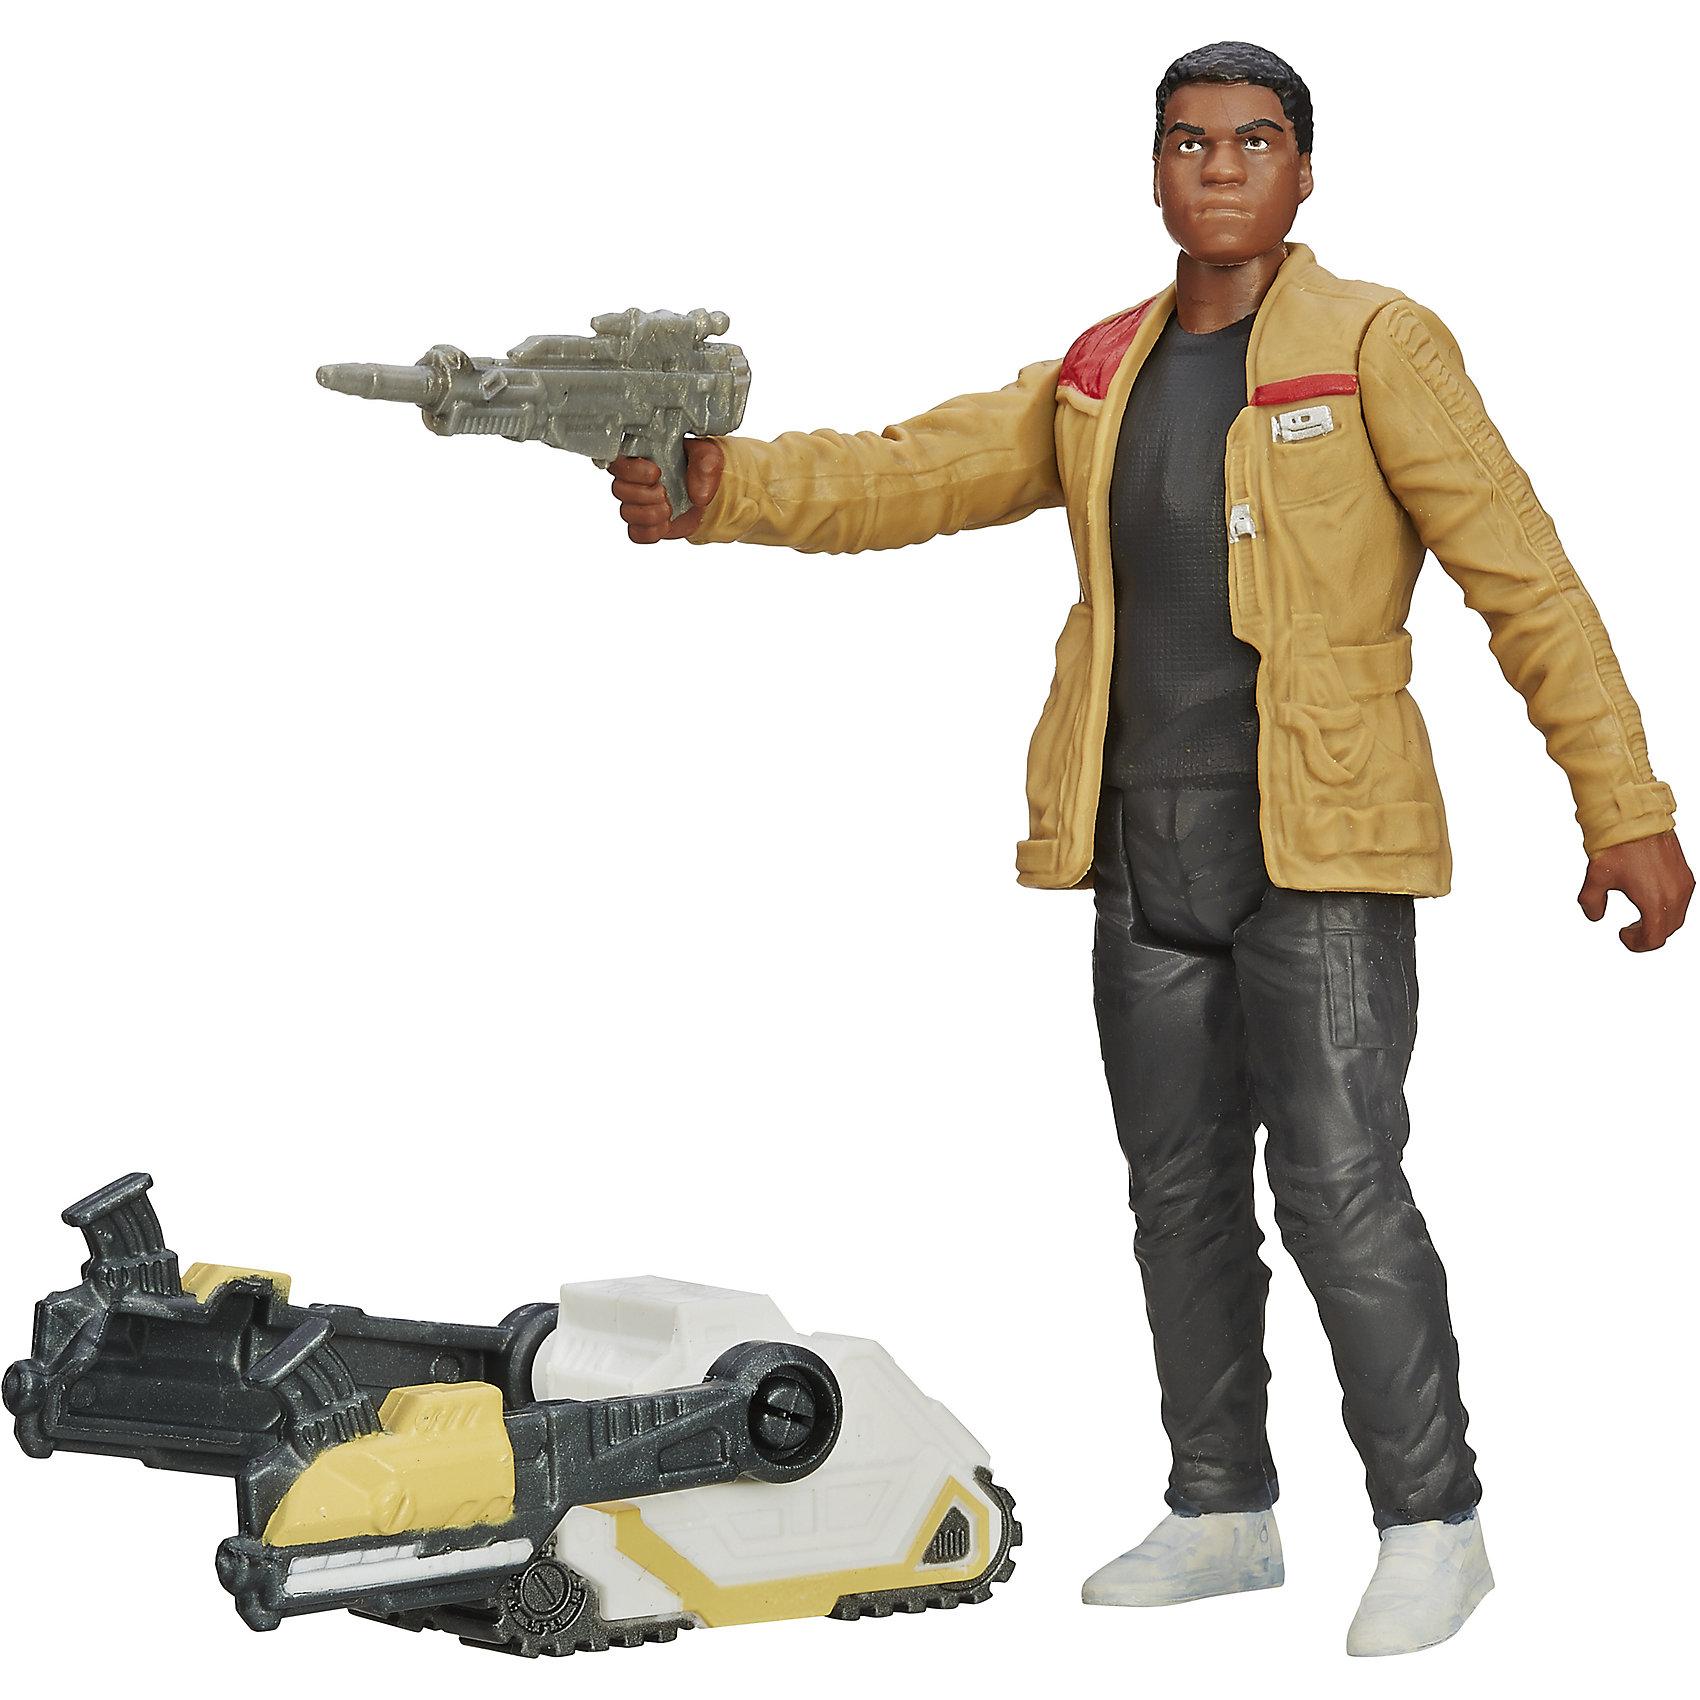 Фигурка вселенной (Пустыня/ Снег), Звездные Войны, ФиннФигурка вселенной (Пустыня/ Снег), Звездные Войны, Финн, Hasbro, станет приятным сюрпризом для Вашего ребенка, особенно если он является поклонником популярной фантастической киносаги Star Wars. В каждый набор входит фигурка участника Снежной миссии или Миссии в пустыне из галактики Звездные Войны (в ассортименте). Игрушка выполнена с высокой степенью детализации и реалистичности. Теперь можно разыгрывать по-настоящему масштабные сражения с любимыми персонажами! У фигурки подвижные части тела, что позволяет придать ей различные позы. К каждому их трёх персонажей одной миссии прилагается оригинальное оружие и составная часть сборного оружия. Собрав и соединив все три детали между собой, можно получить уникальный бластер. Для всех поклонников Звездных войн фигурки составят замечательную коллекцию и дополнят игры новыми персонажами. <br><br>Дополнительная информация:<br><br> - В комплекте: 1 фигурка, 1 оружие. - Материал: пластик. - Высота фигурки: 9,5 см. - Размер упаковки: 21 х 3 х 14 см. - Вес: 50 гр. <br><br>Фигурку вселенной (Пустыня/ Снег), Звездные Войны, Финн, Hasbro, можно купить в нашем интернет-магазине.<br><br>Ширина мм: 210<br>Глубина мм: 140<br>Высота мм: 37<br>Вес г: 63<br>Возраст от месяцев: 48<br>Возраст до месяцев: 96<br>Пол: Мужской<br>Возраст: Детский<br>SKU: 4803342